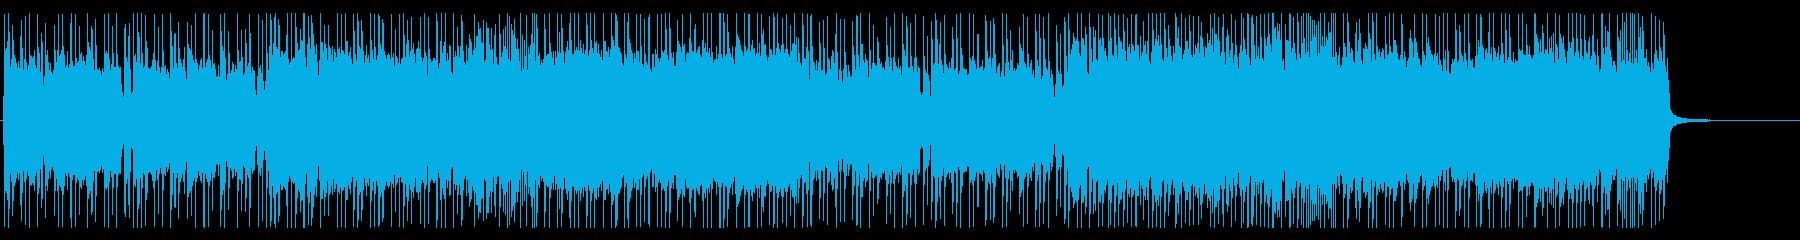 アップテンポでシンプルなメタルインストの再生済みの波形